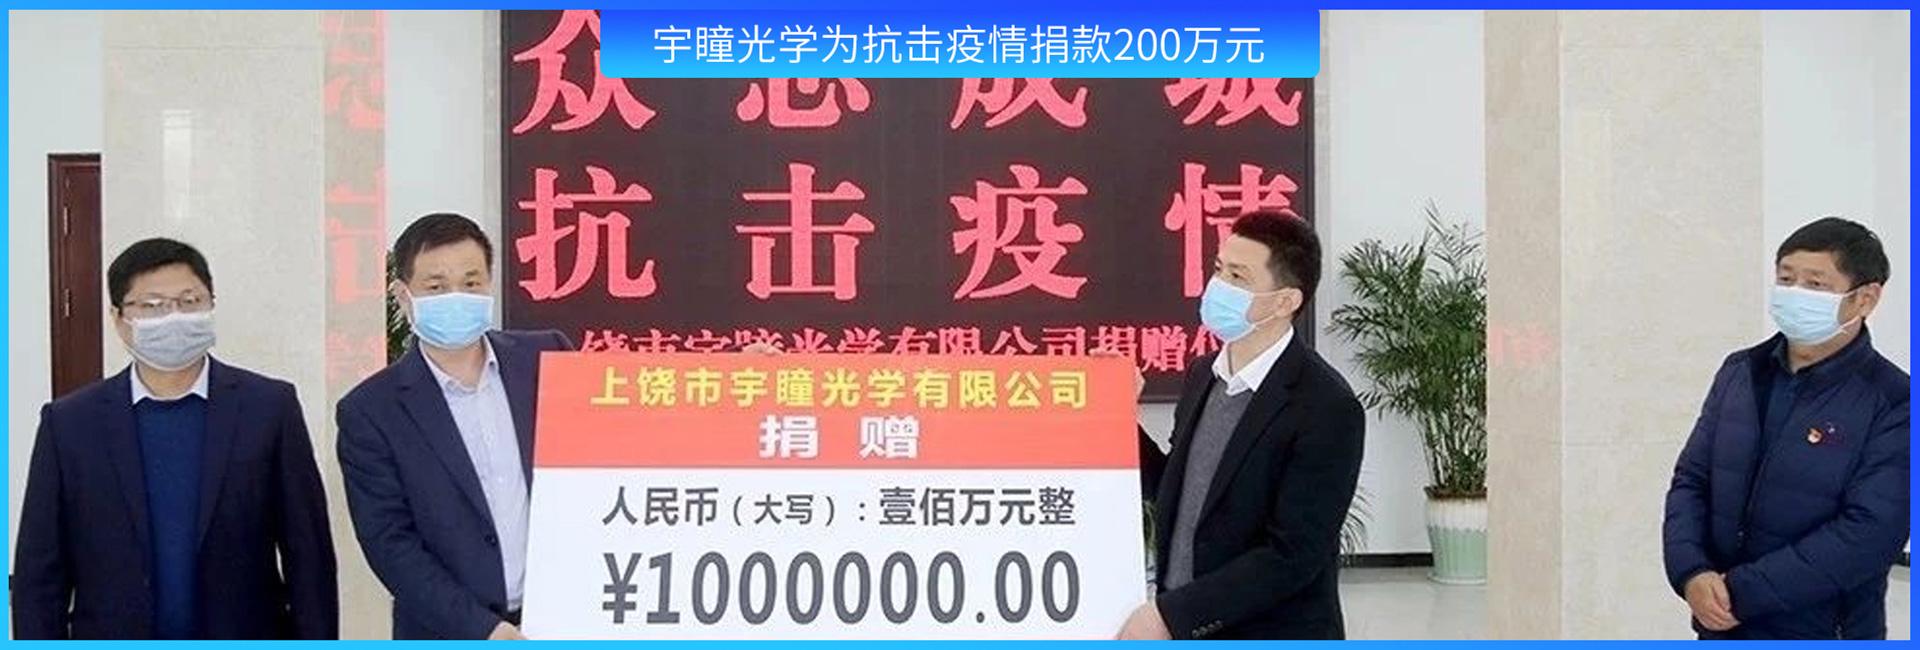 新闻-宇瞳光捐款200万元